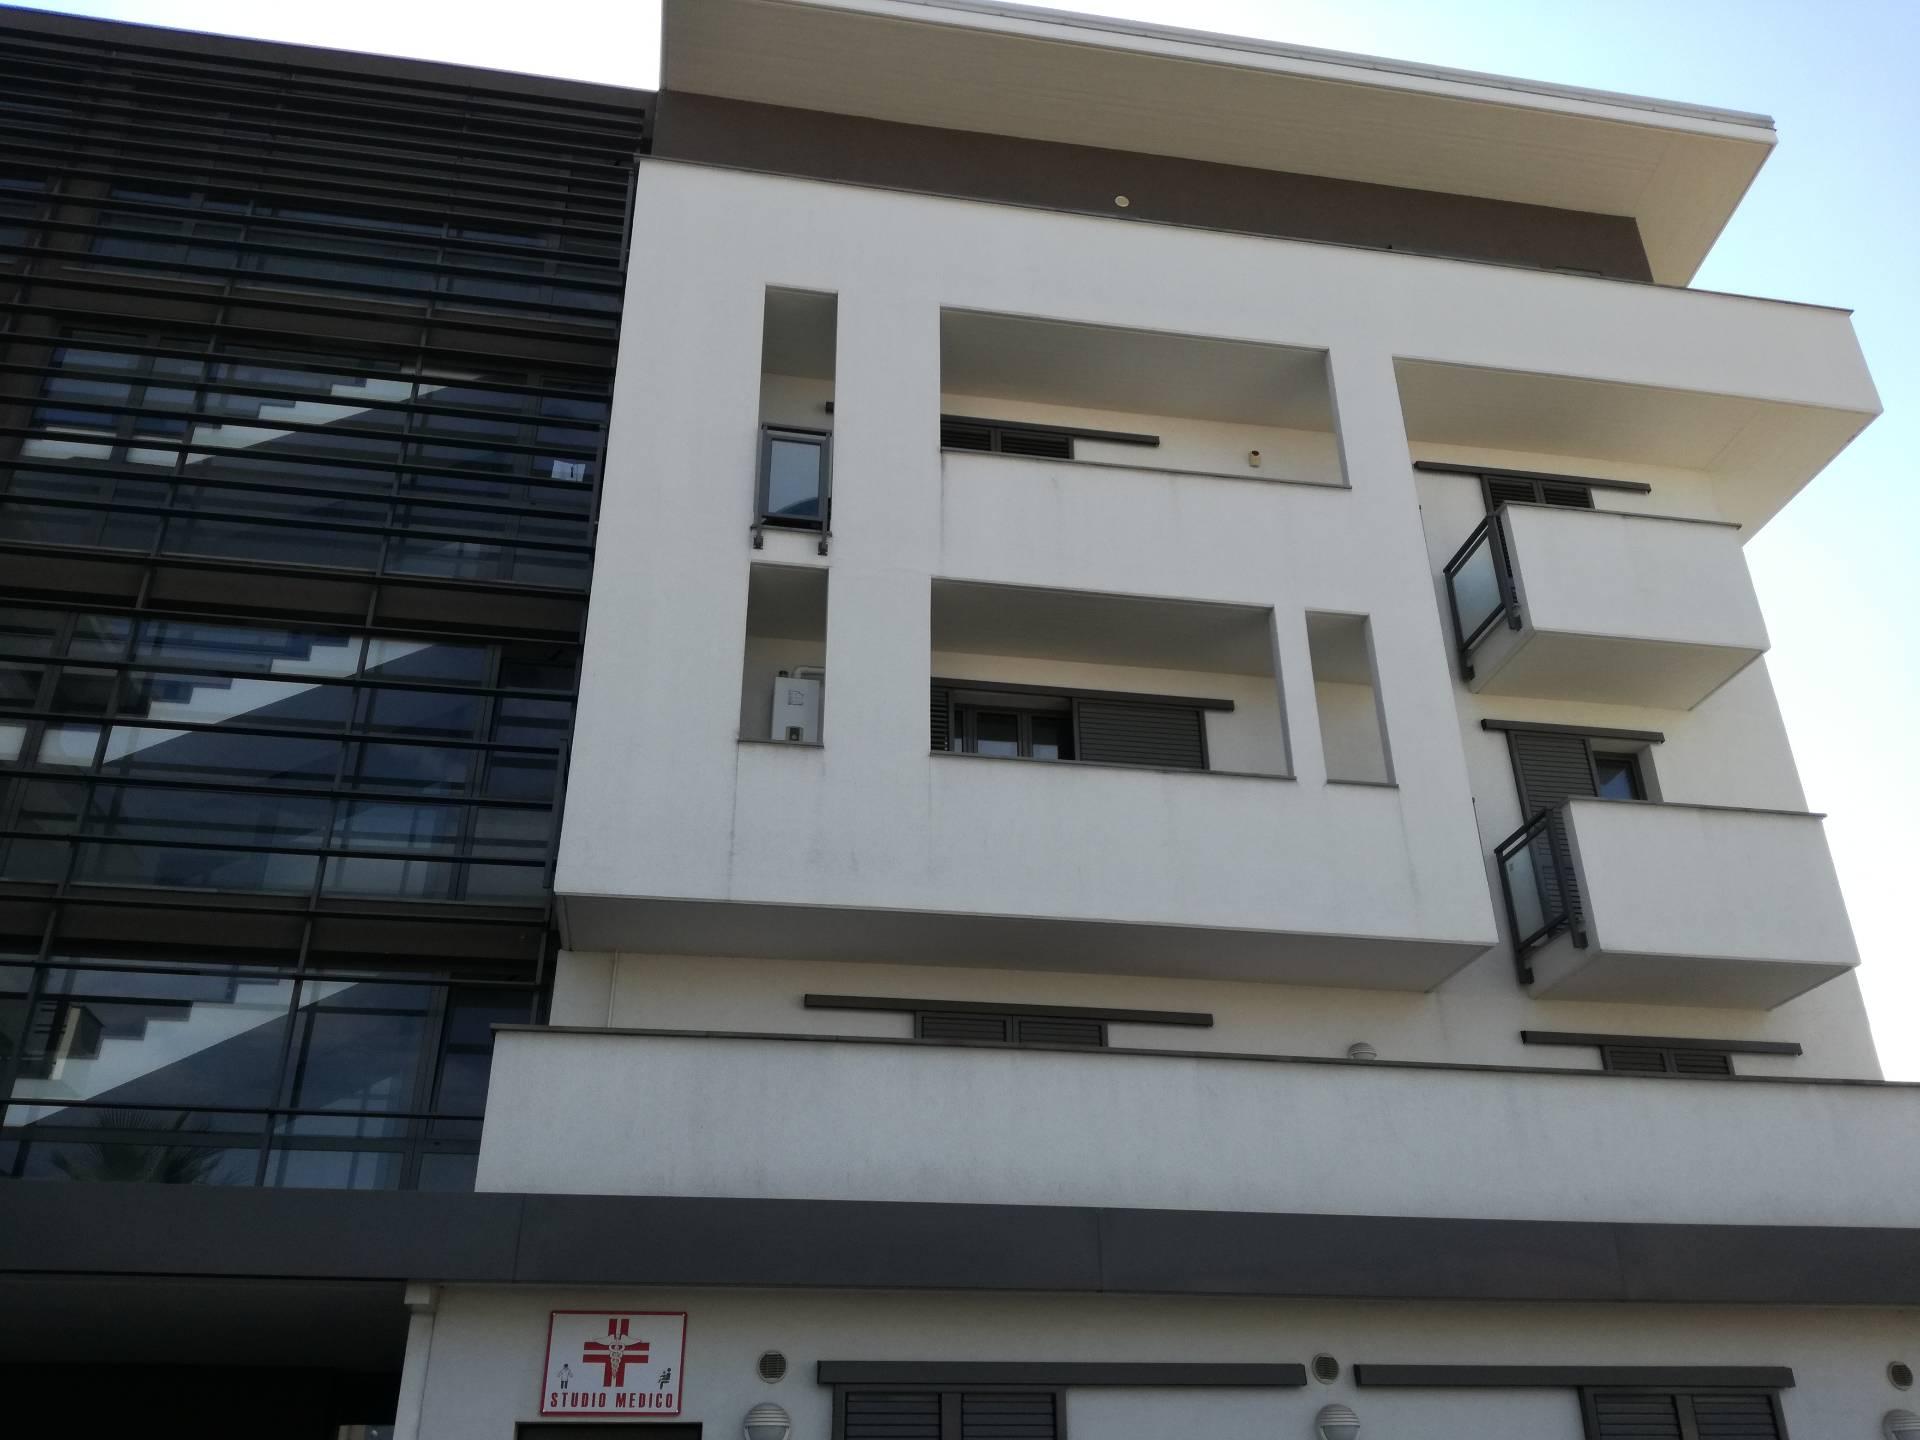 Appartamento in vendita a corropoli cod. crp13